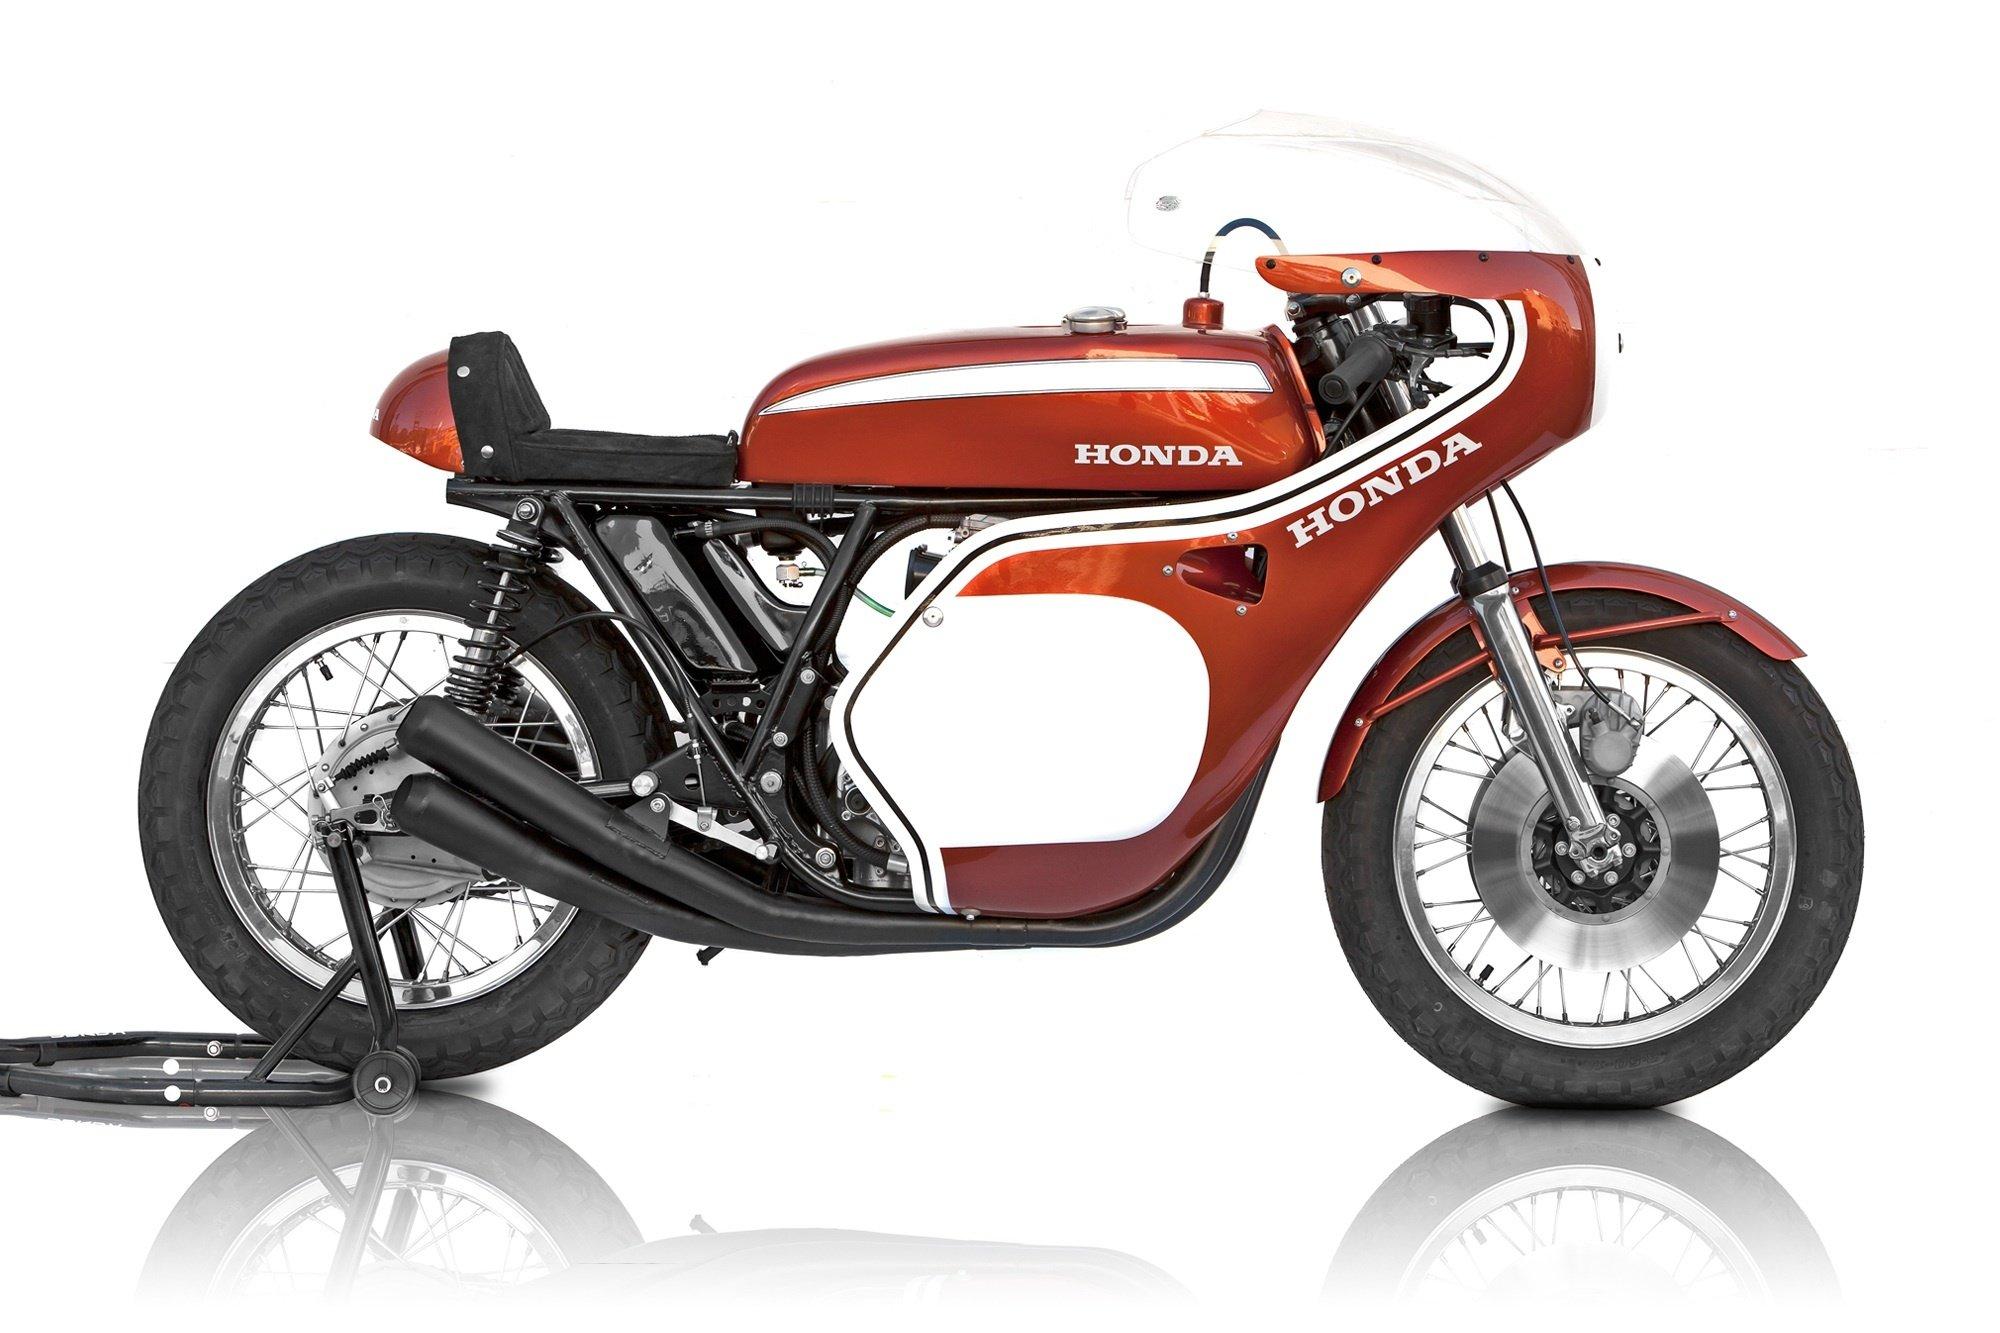 Honda CB750 Racing Type